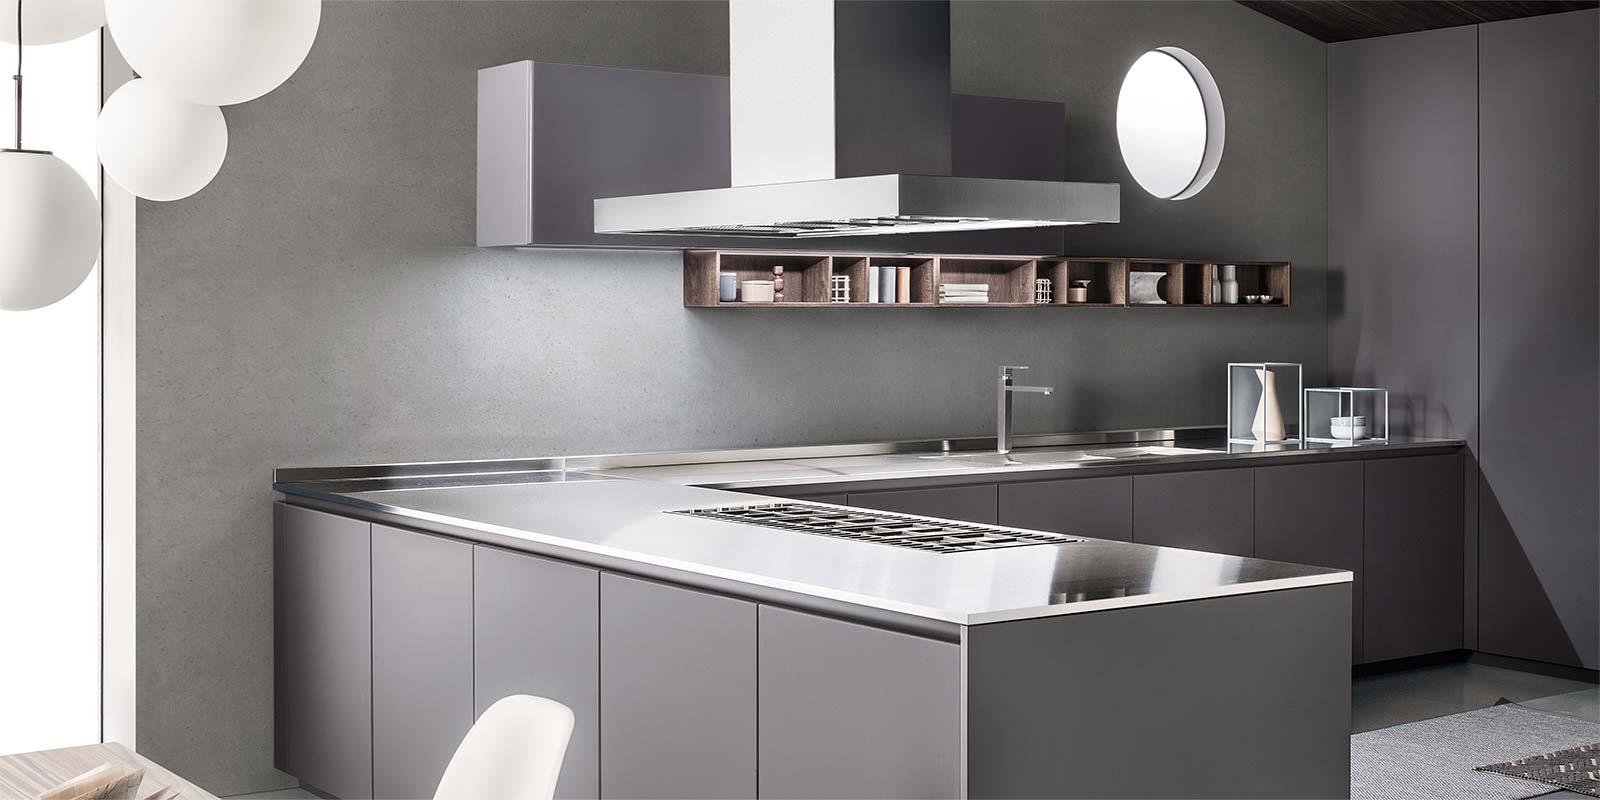 Tra basi e pensili in cucina lineatre arredamenti - Top cucina moderna ...